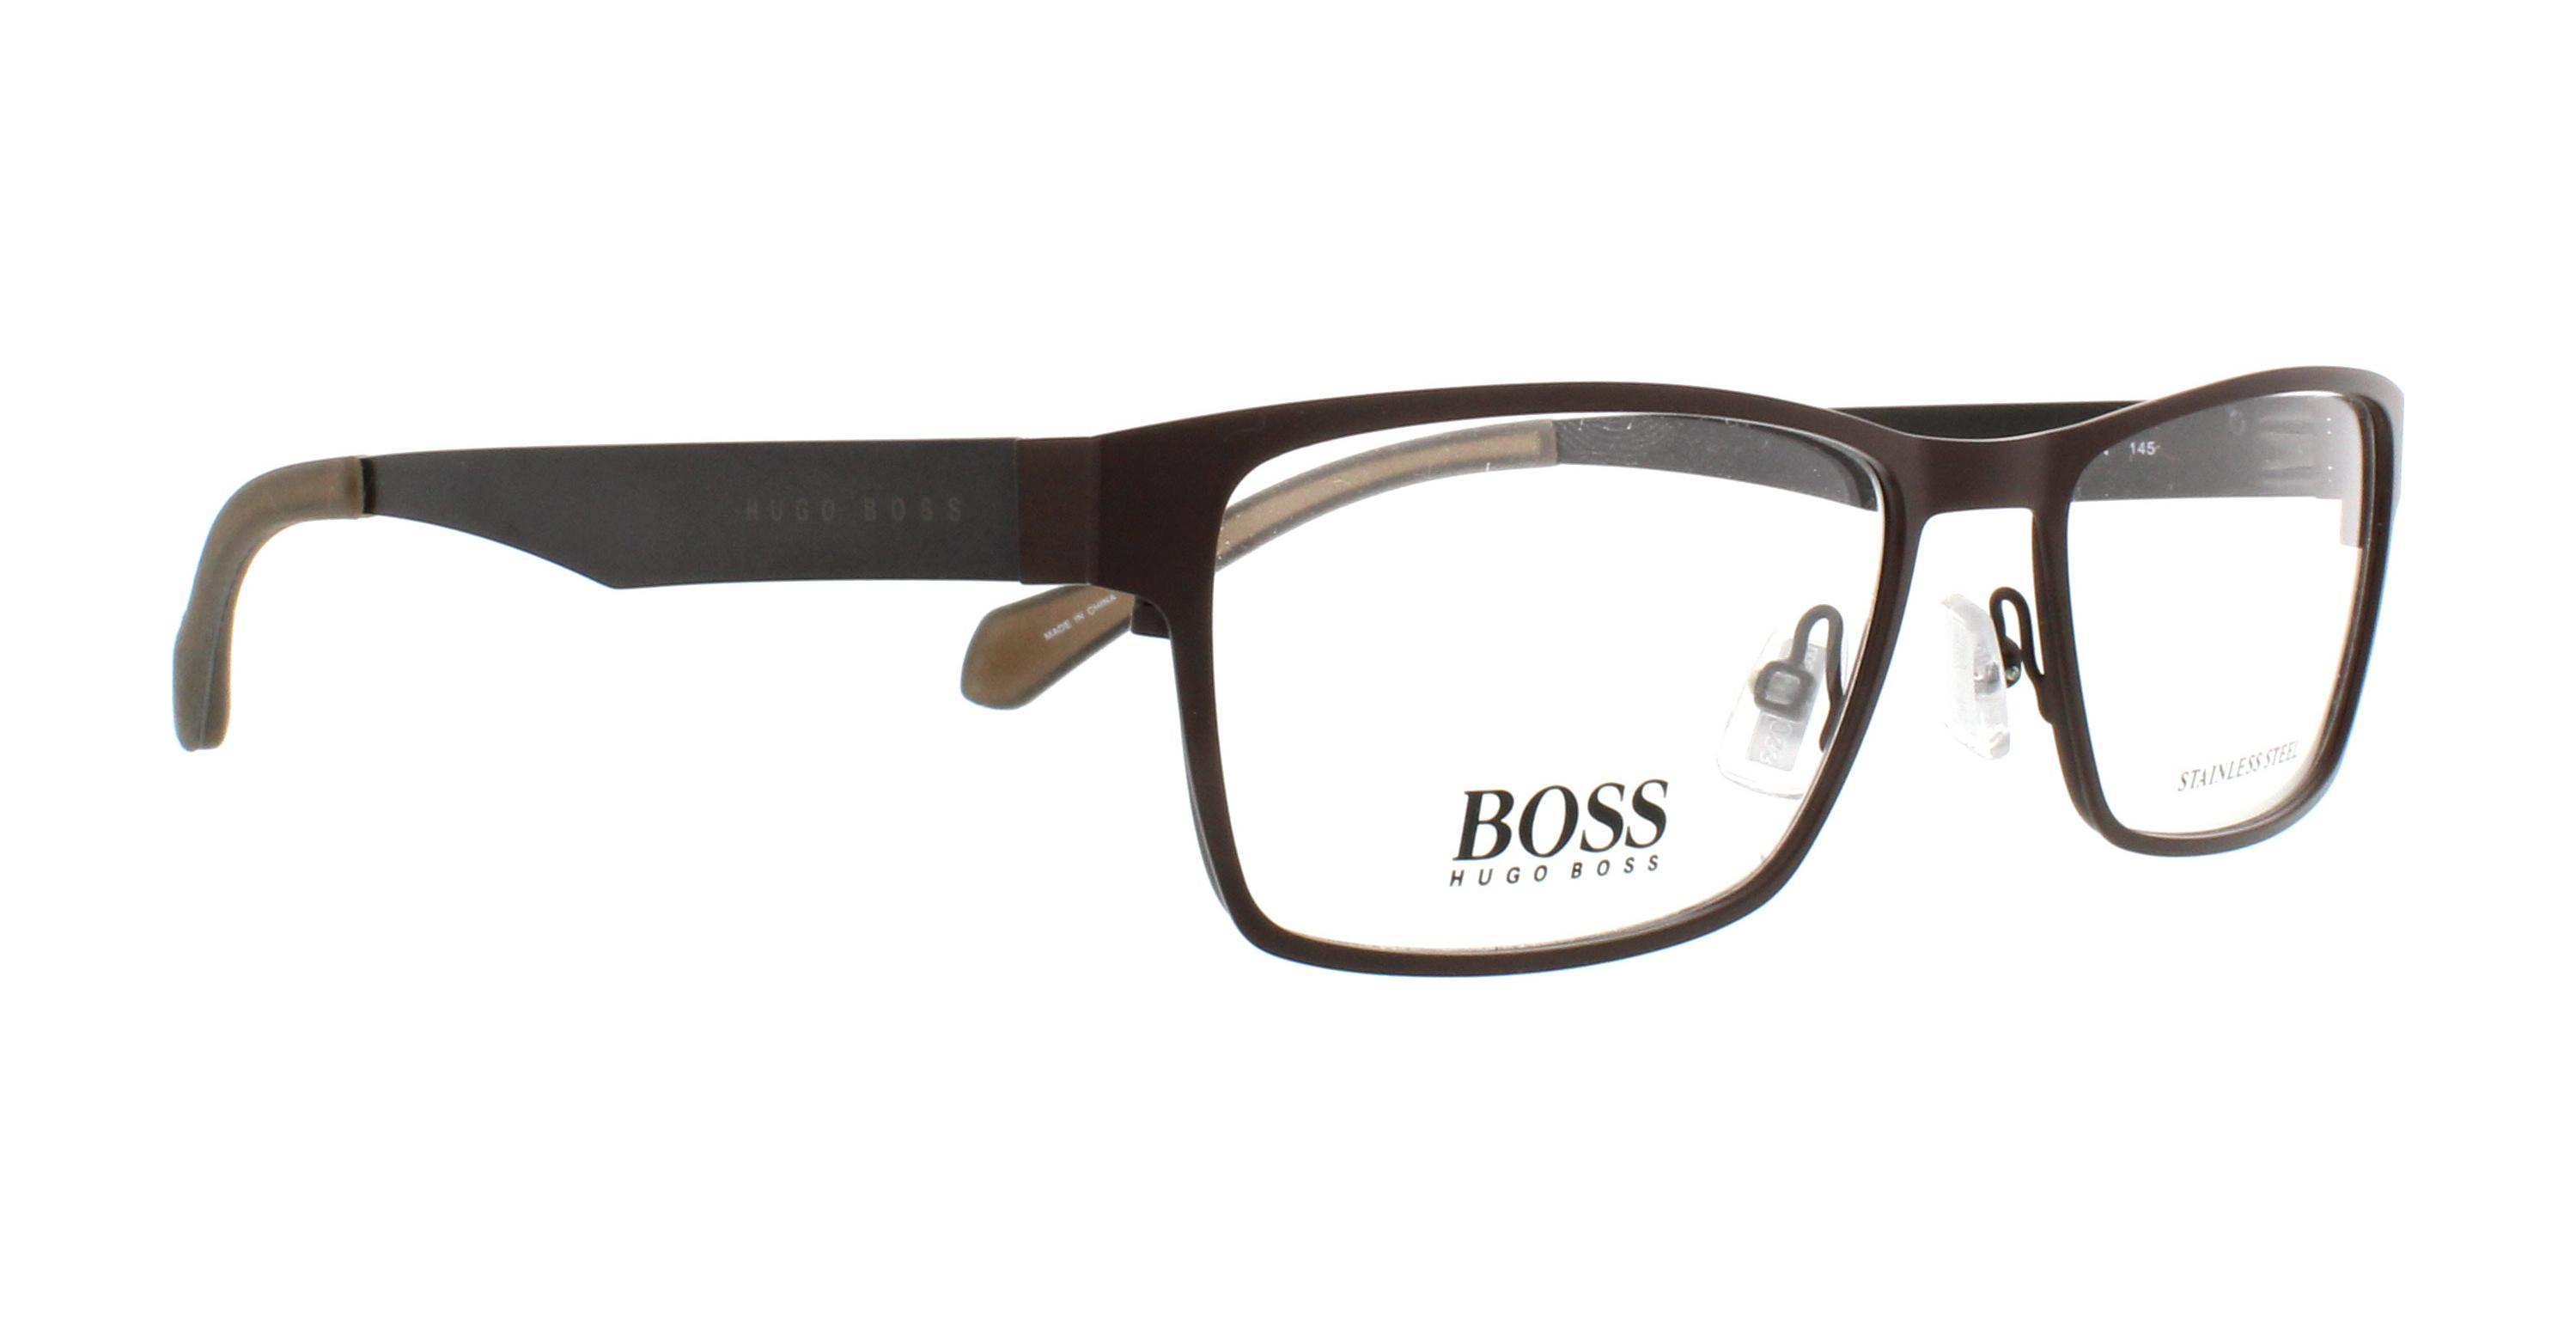 aa9ab652c3 HUGO BOSS Eyeglasses 0873 005N Matte Brown Gray 54MM